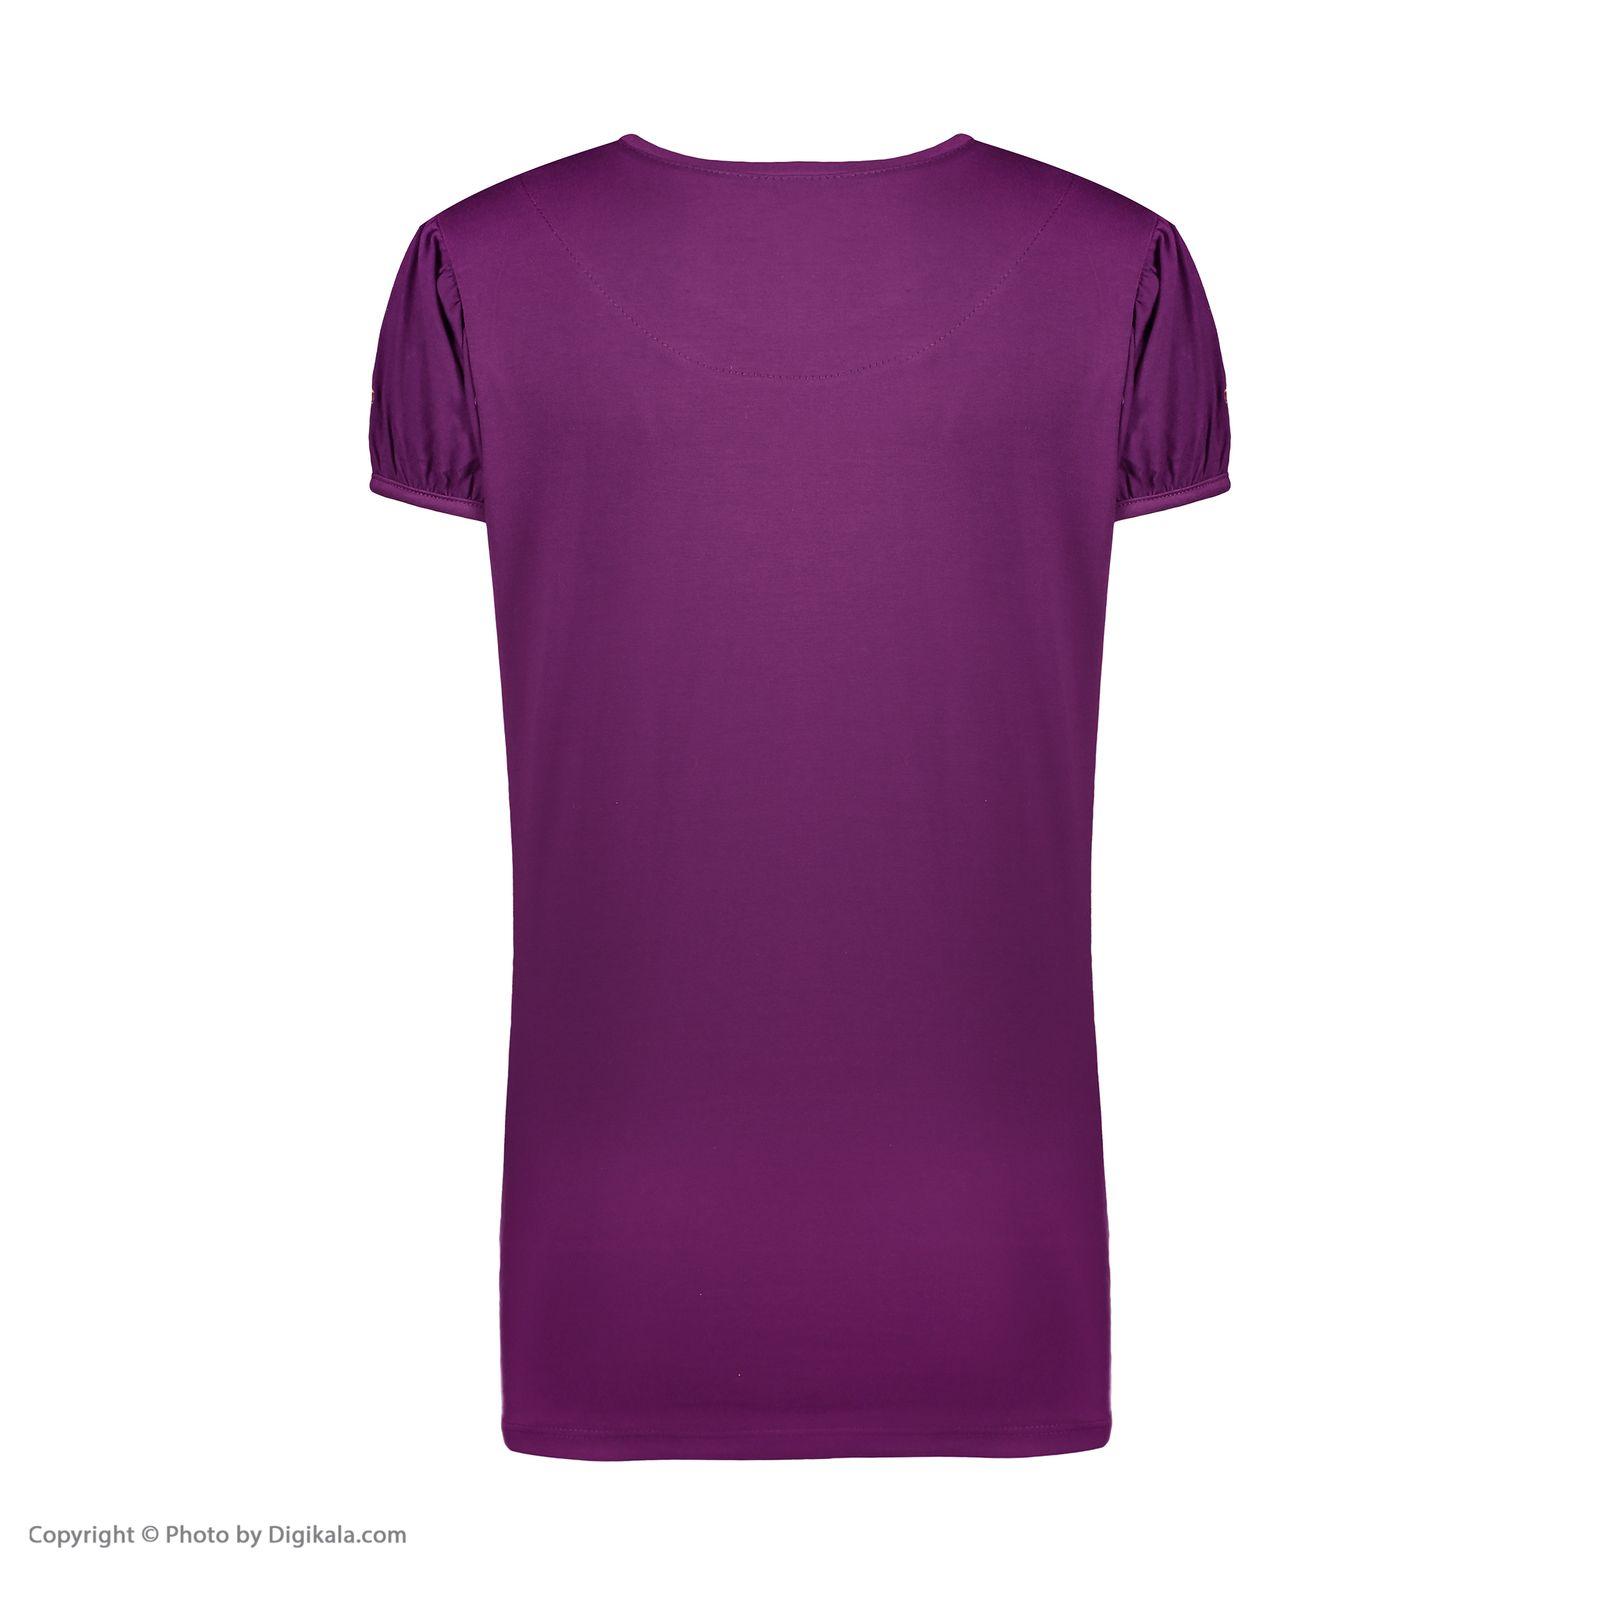 ست تی شرت و شلوار راحتی زنانه مادر مدل 2041104-67 -  - 6